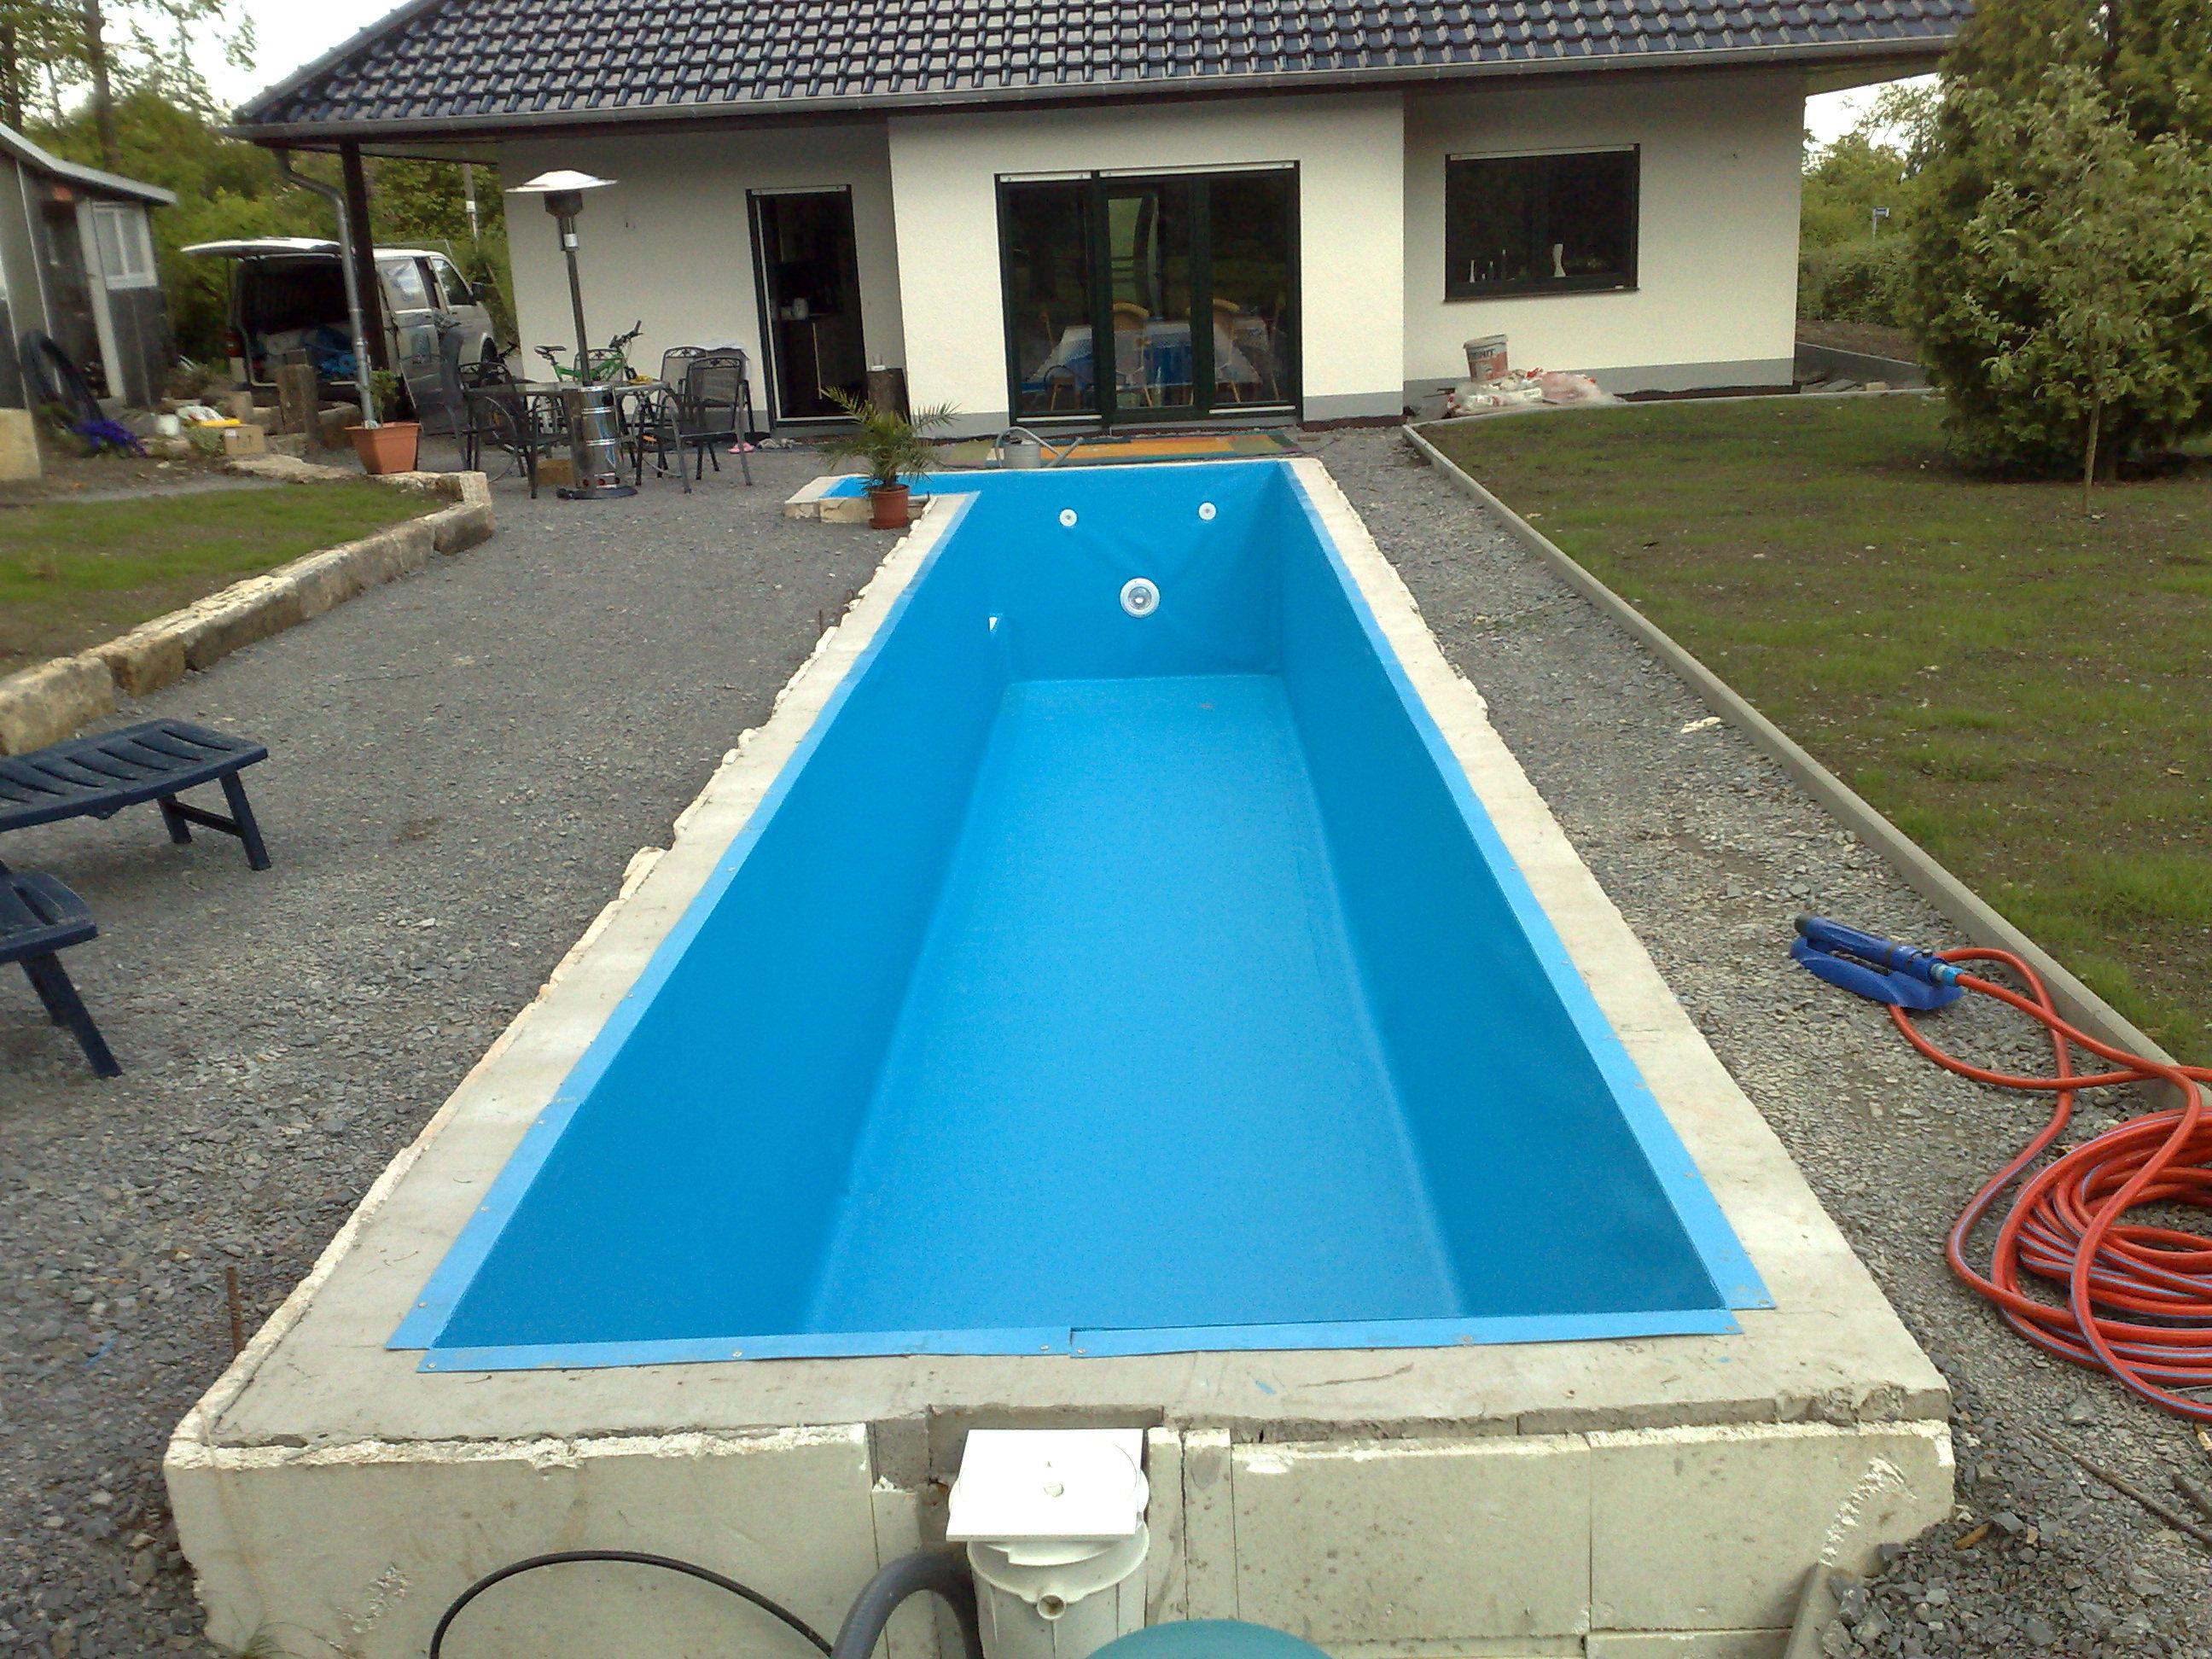 das Bild zeigt einen rechteckigen Swimming Pool, der mit Systemsteinen aus Styropor gebaut wurde